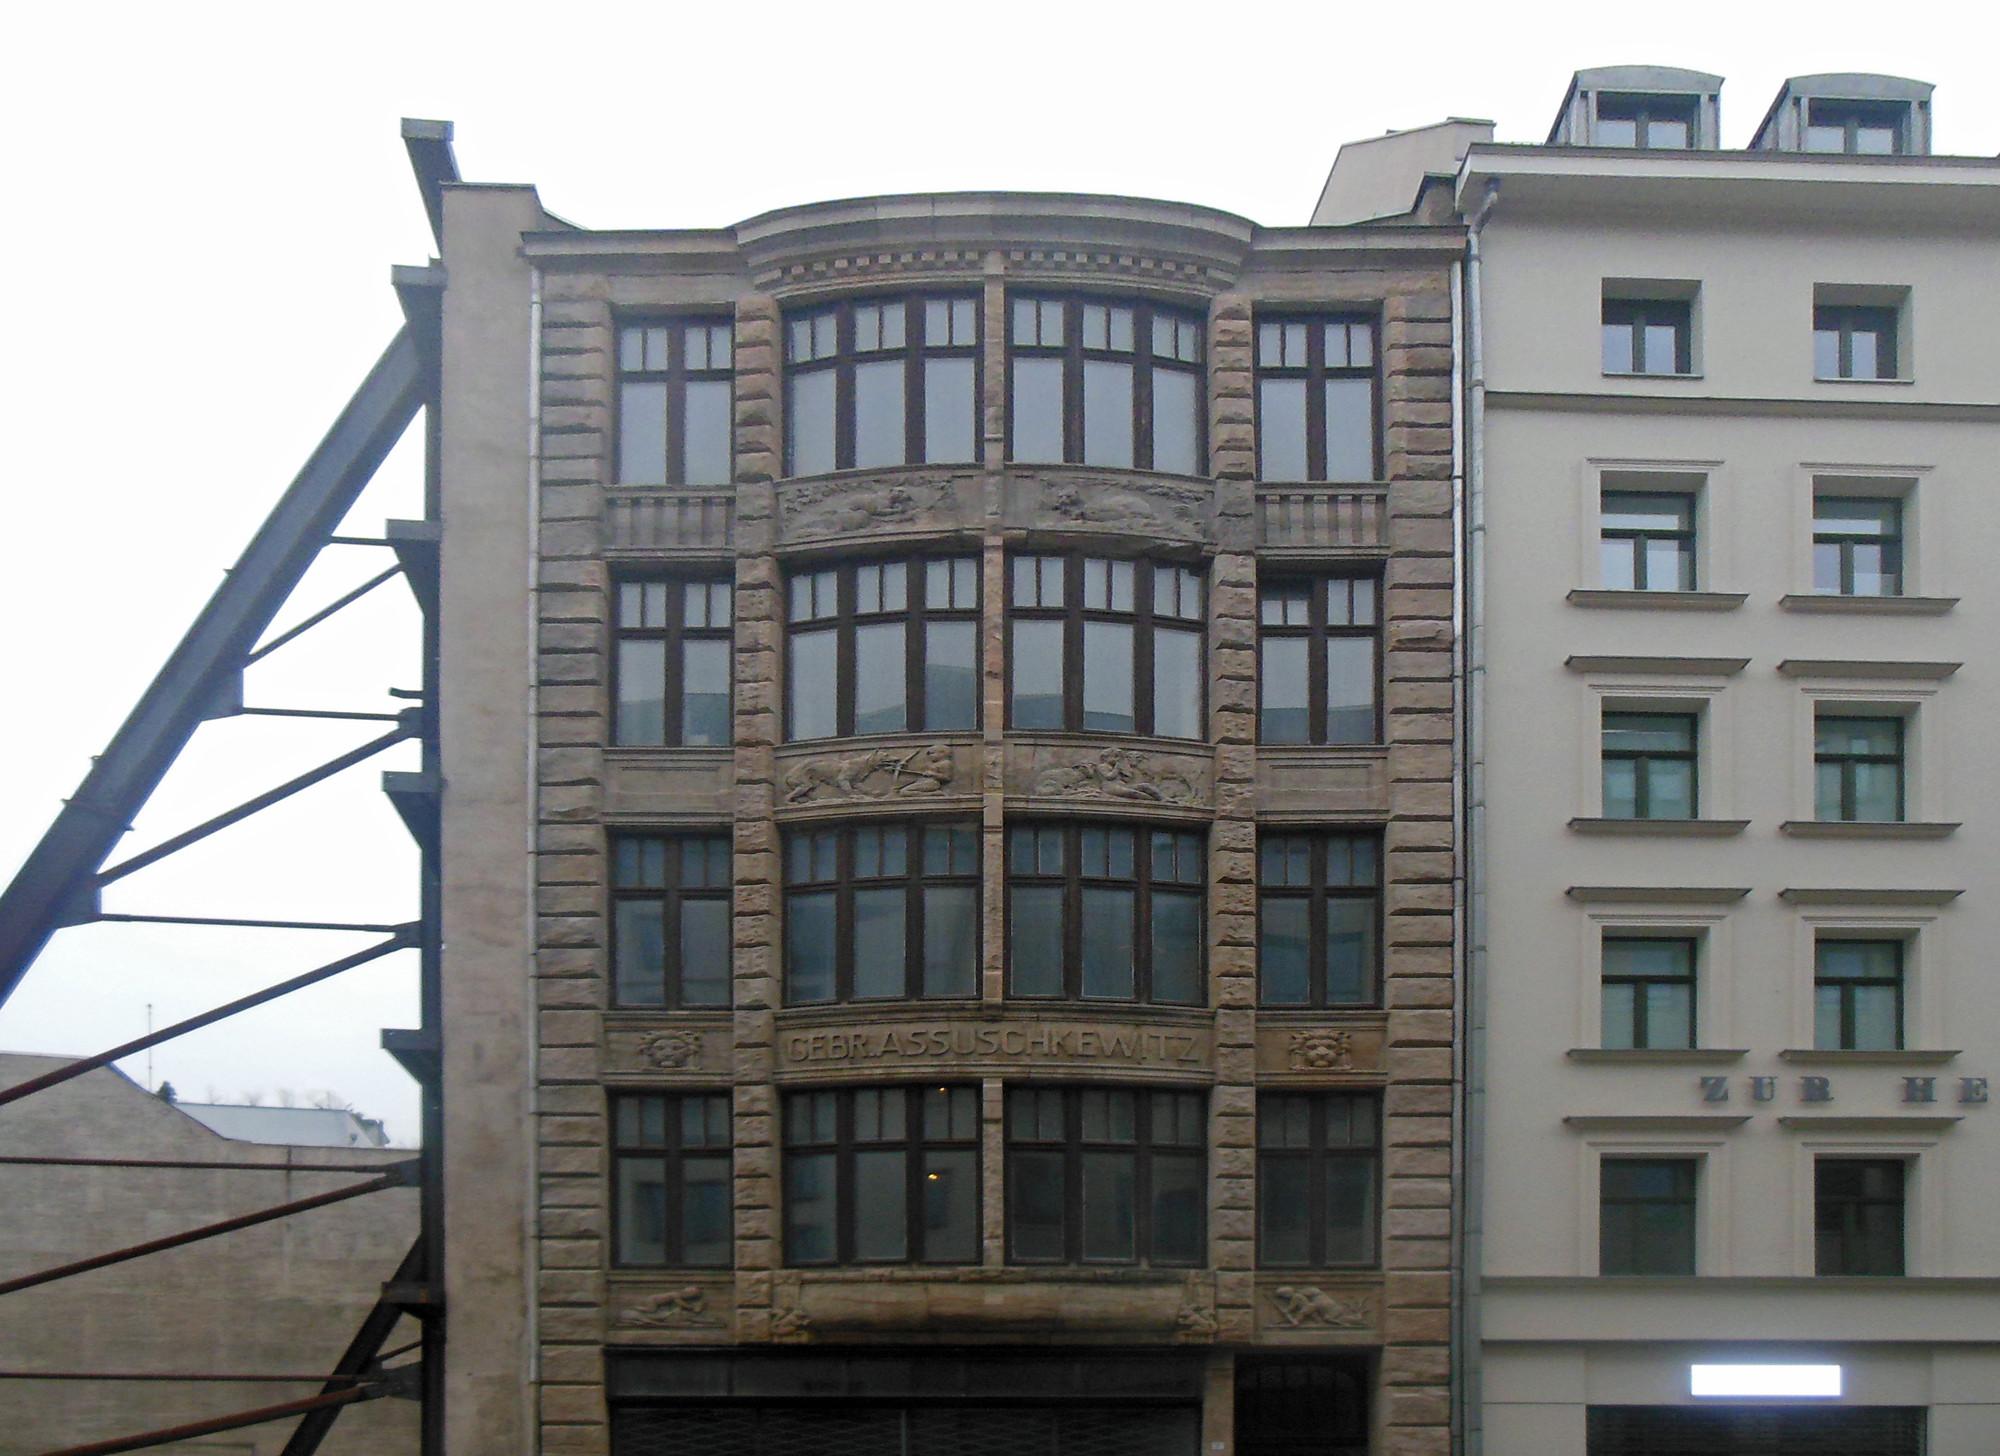 Altbauten nachhaltig sanieren nachhaltig bauen bauteilsanierung baunetz wissen - Kastenfenster sanieren berlin ...